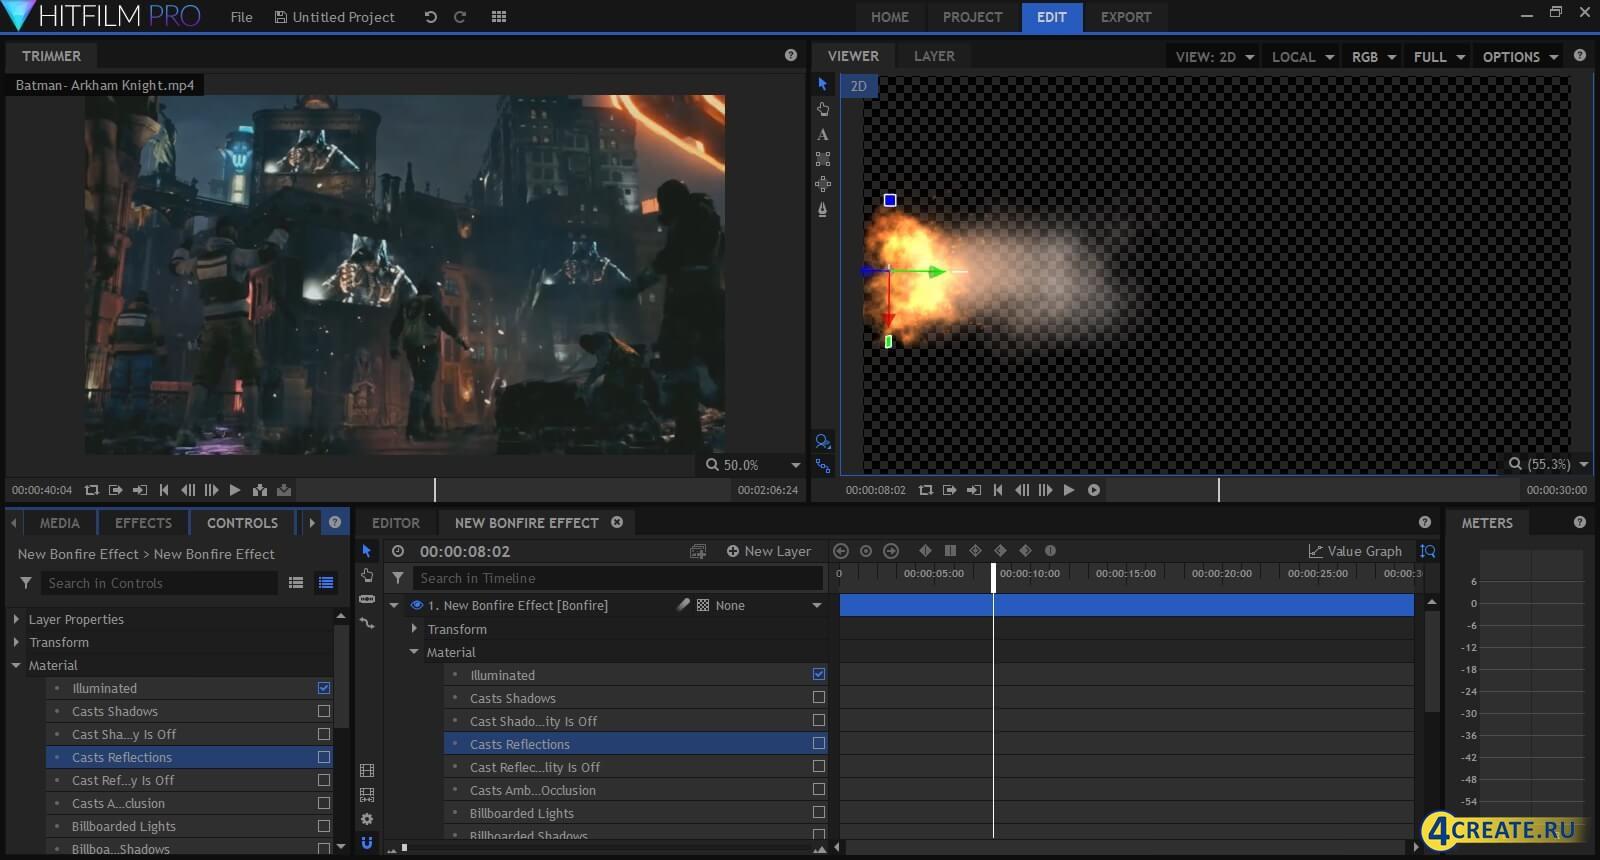 HitFilm Pro 5.0 (Скриншот 3)